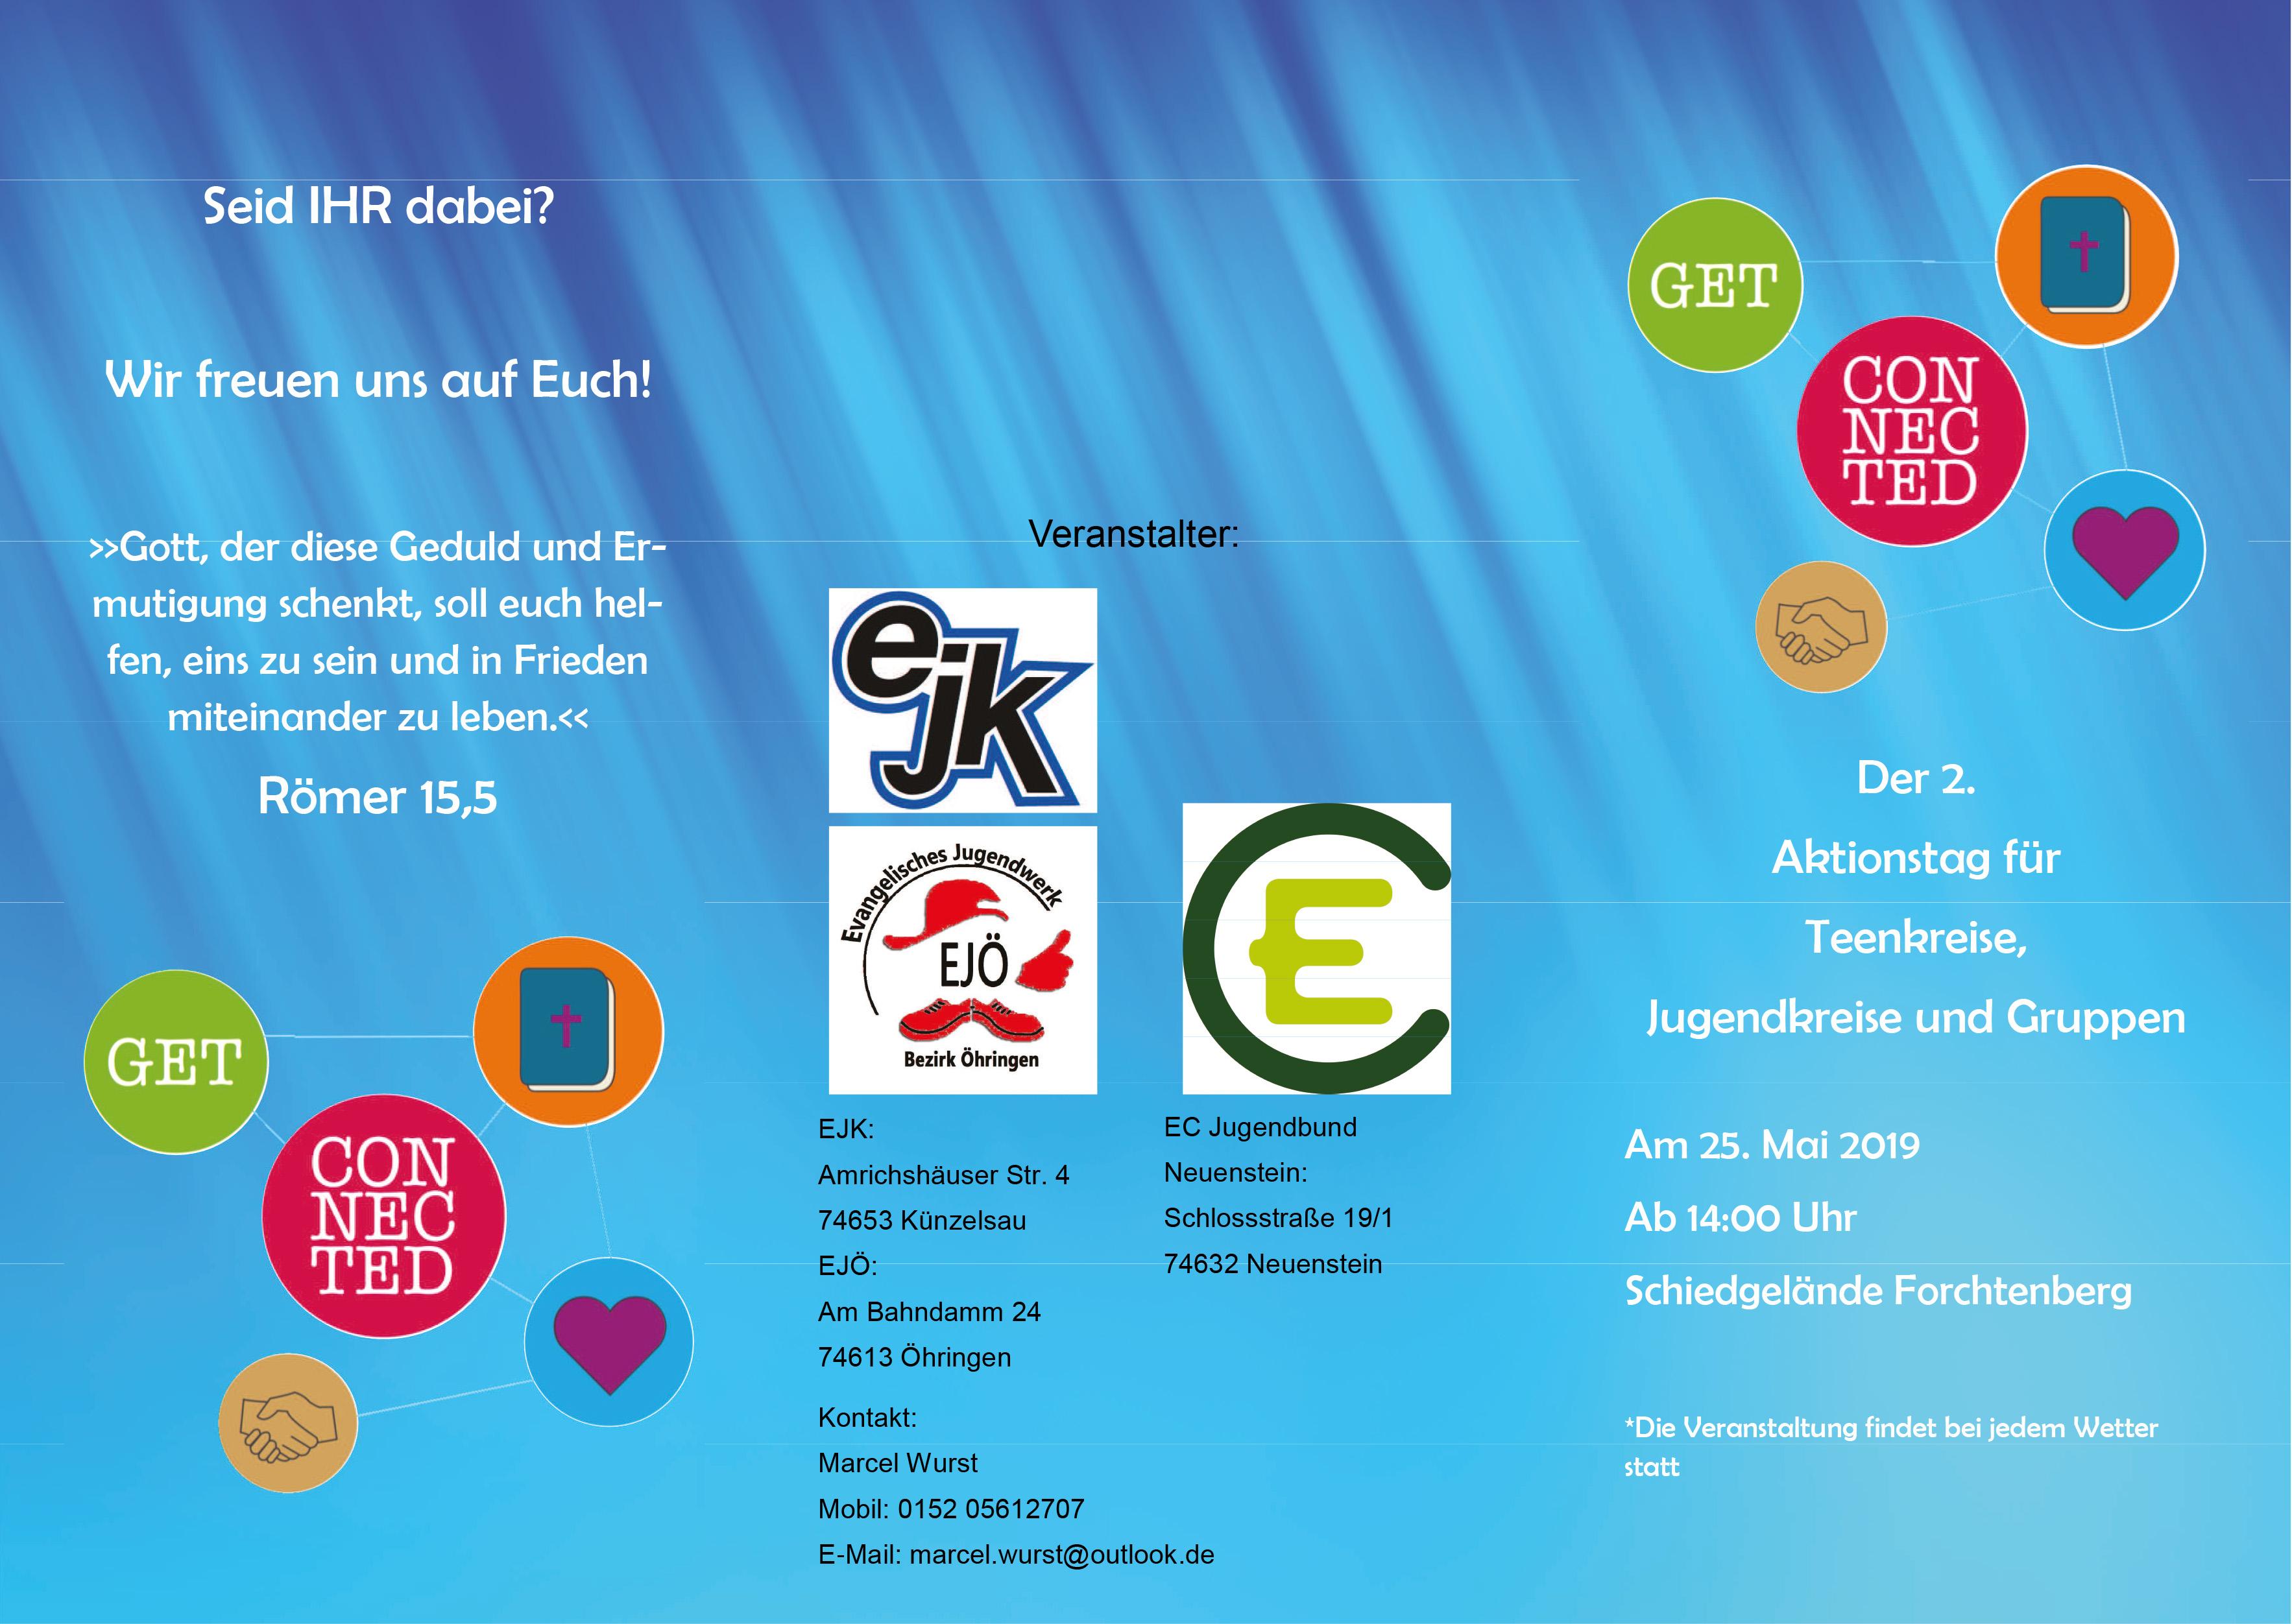 Get Connected Jugendkreise @ Scheidhütte Forchtenberg